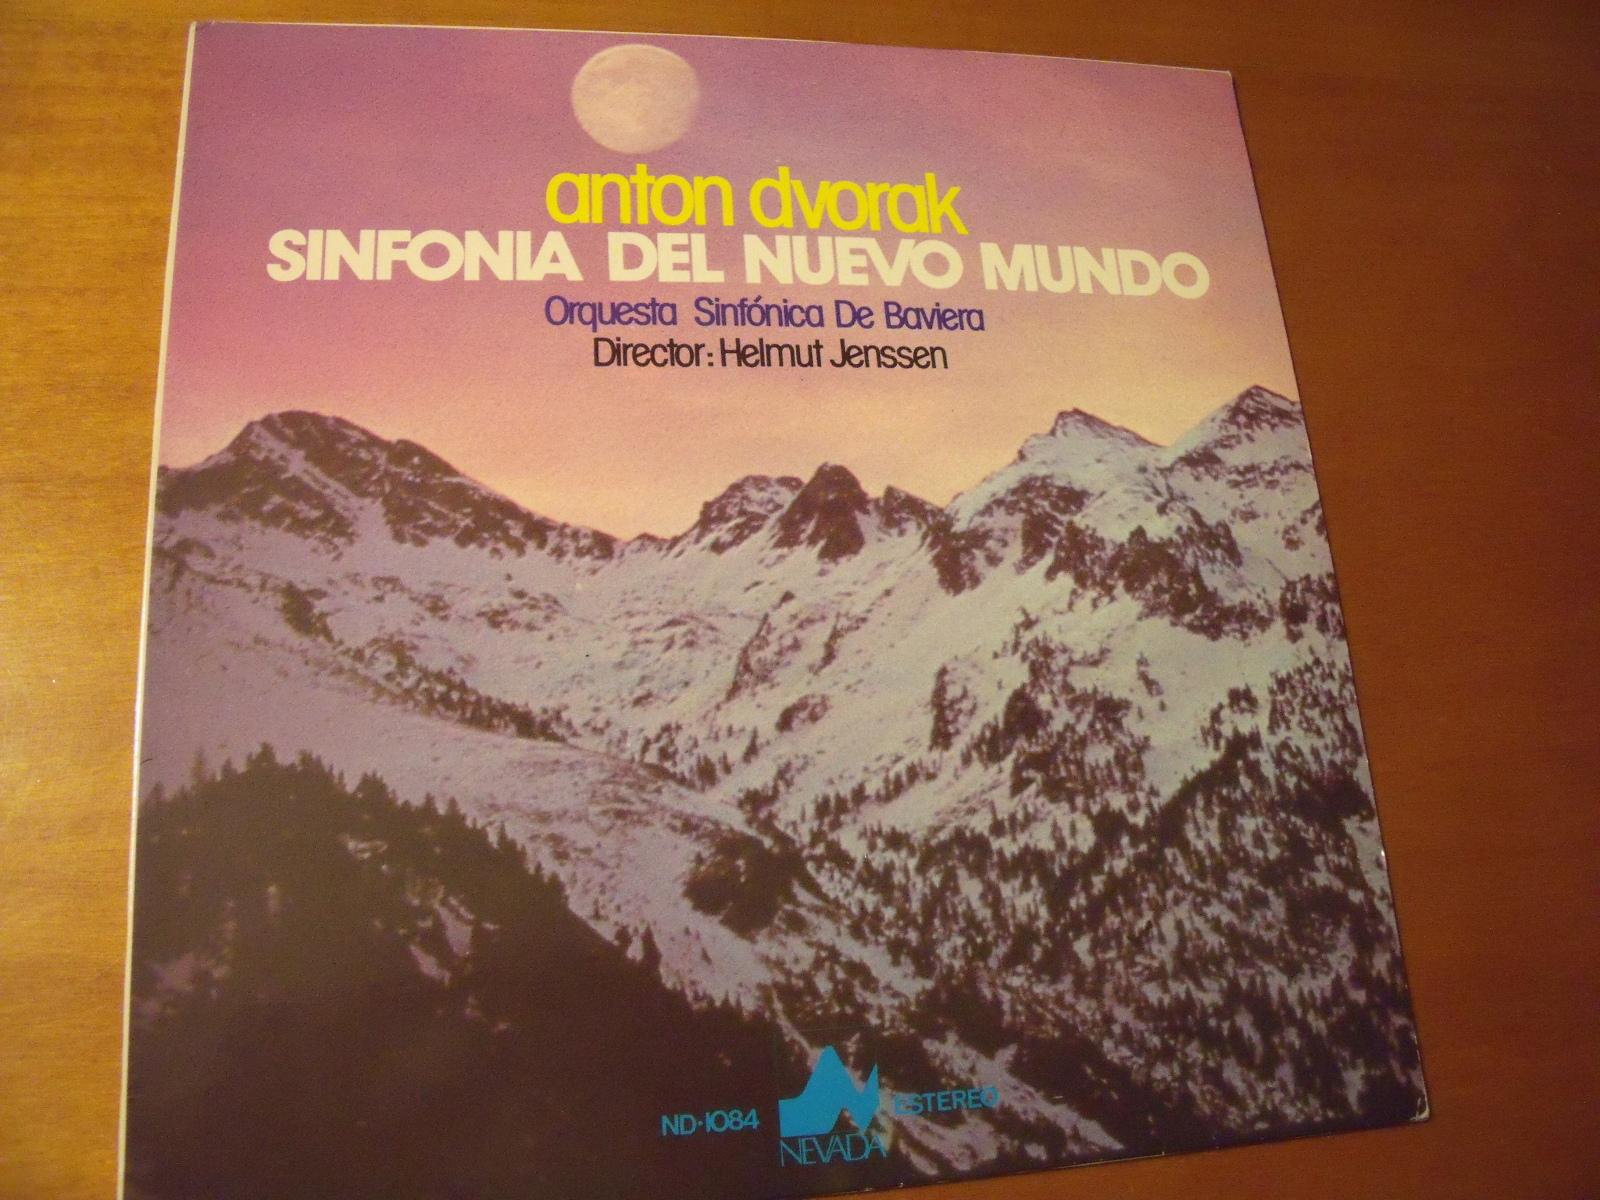 """DVORAK SINFONÍA Nº 9 """"DEL NUEVO MUNDO"""" Vyuu80"""